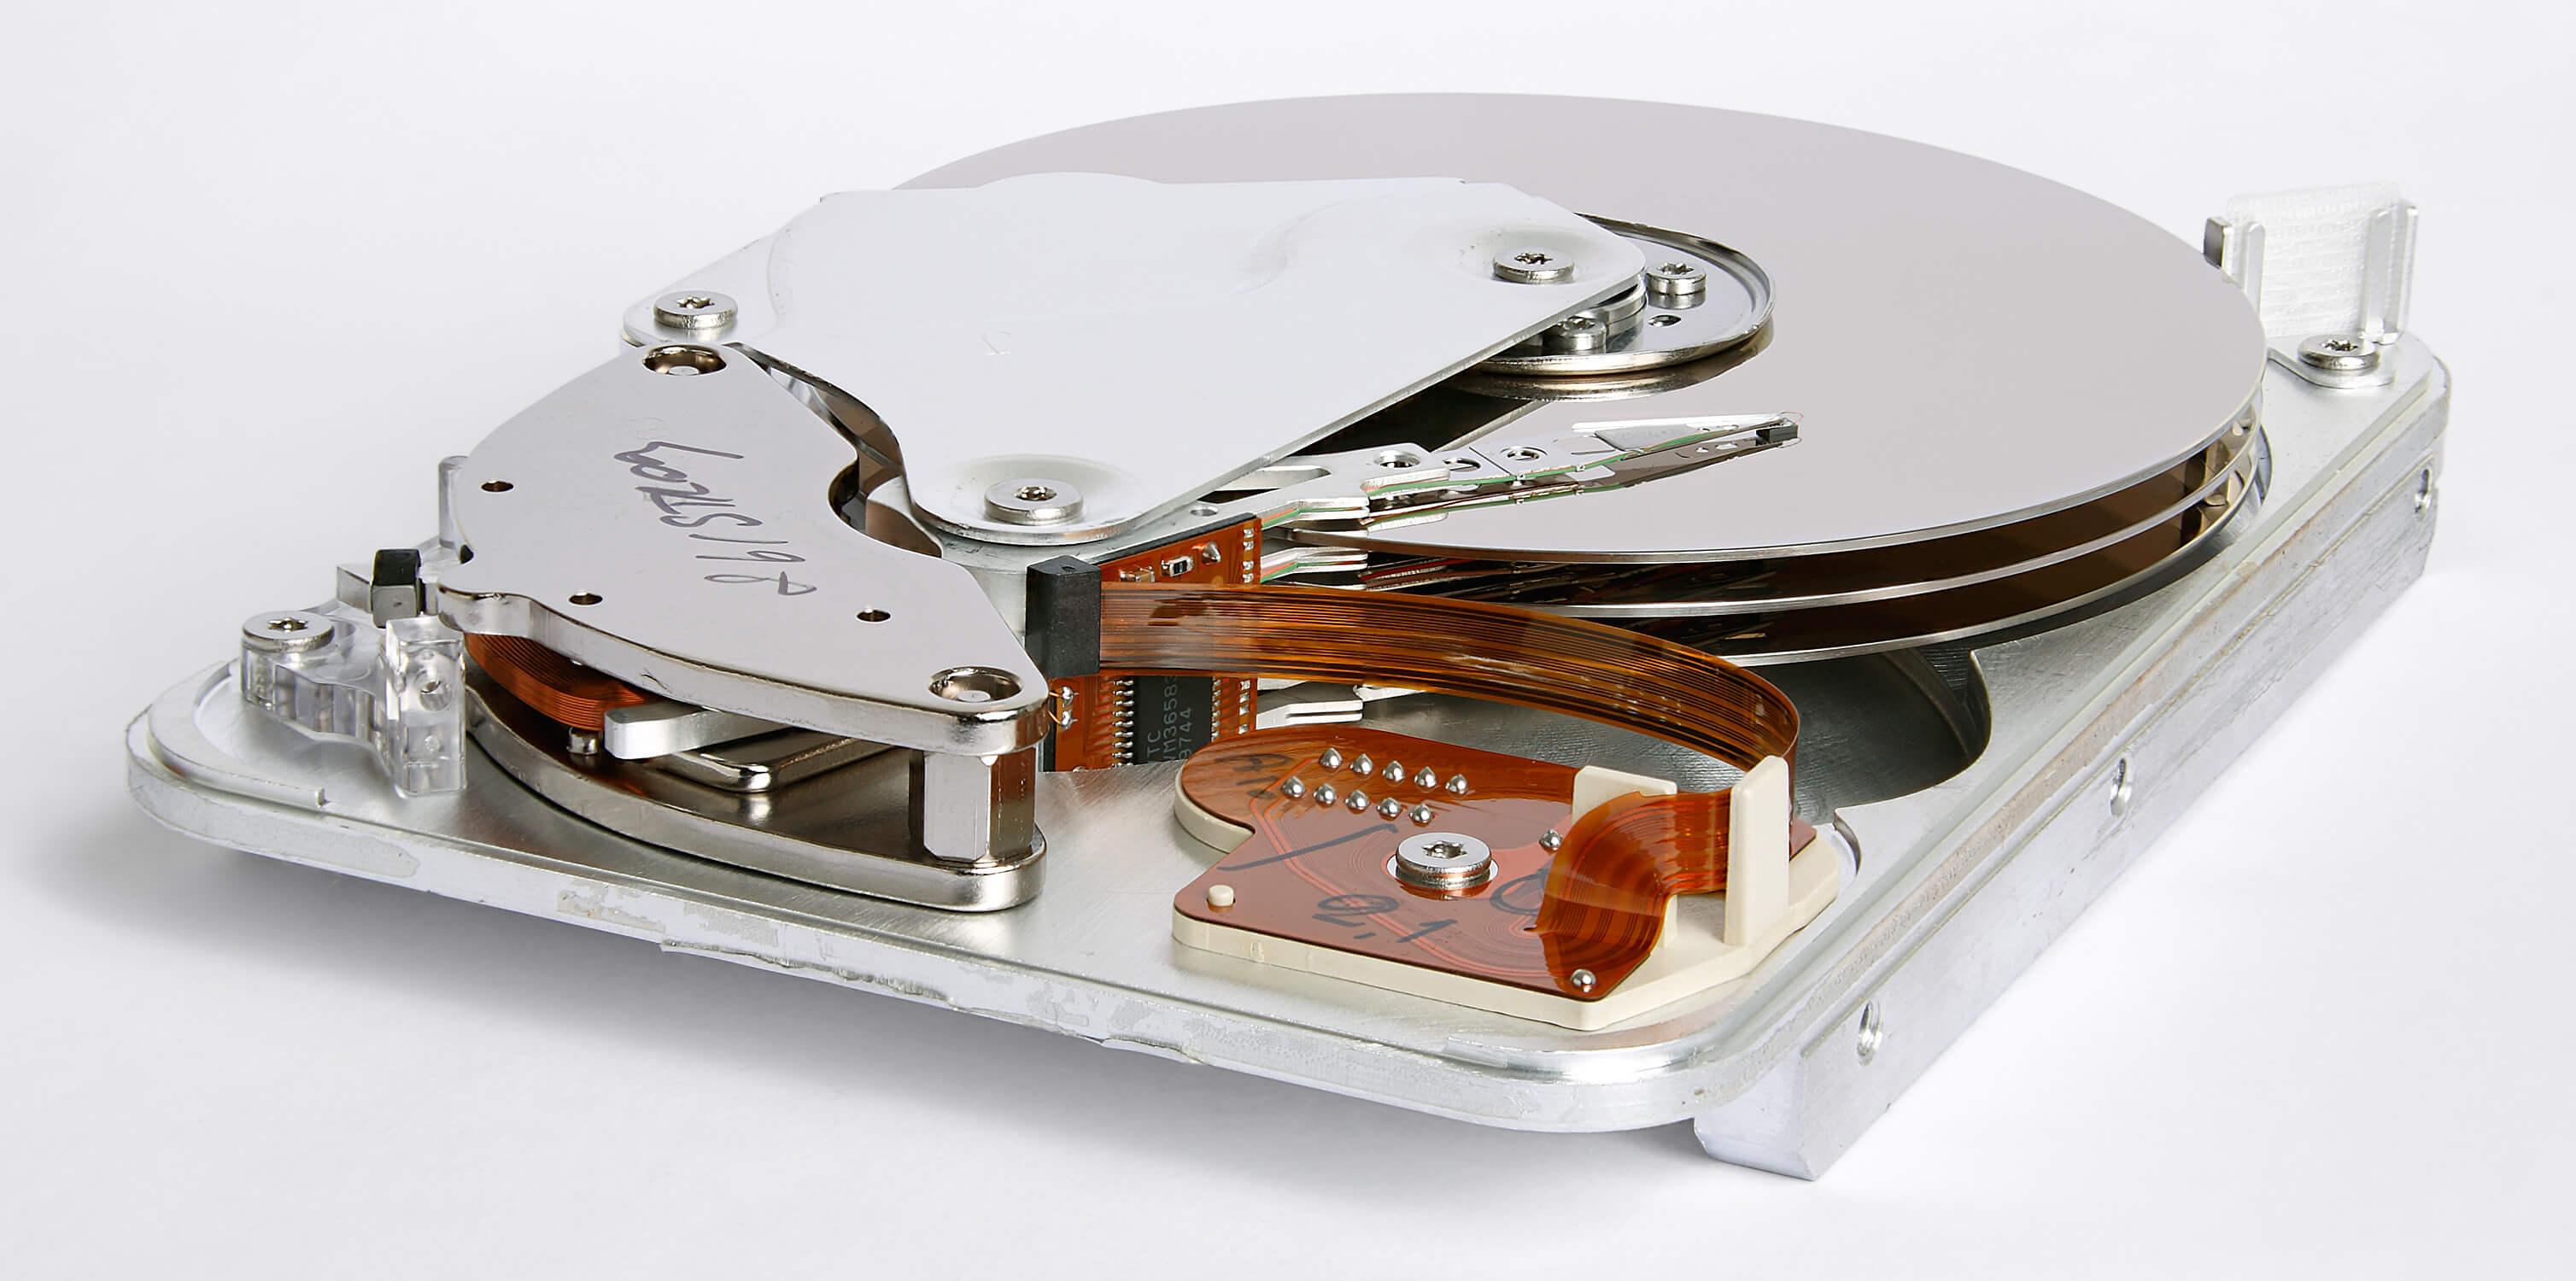 [object object] Windows bu diske yüklenemez hatası Seagate ST33232A hard disk inner view